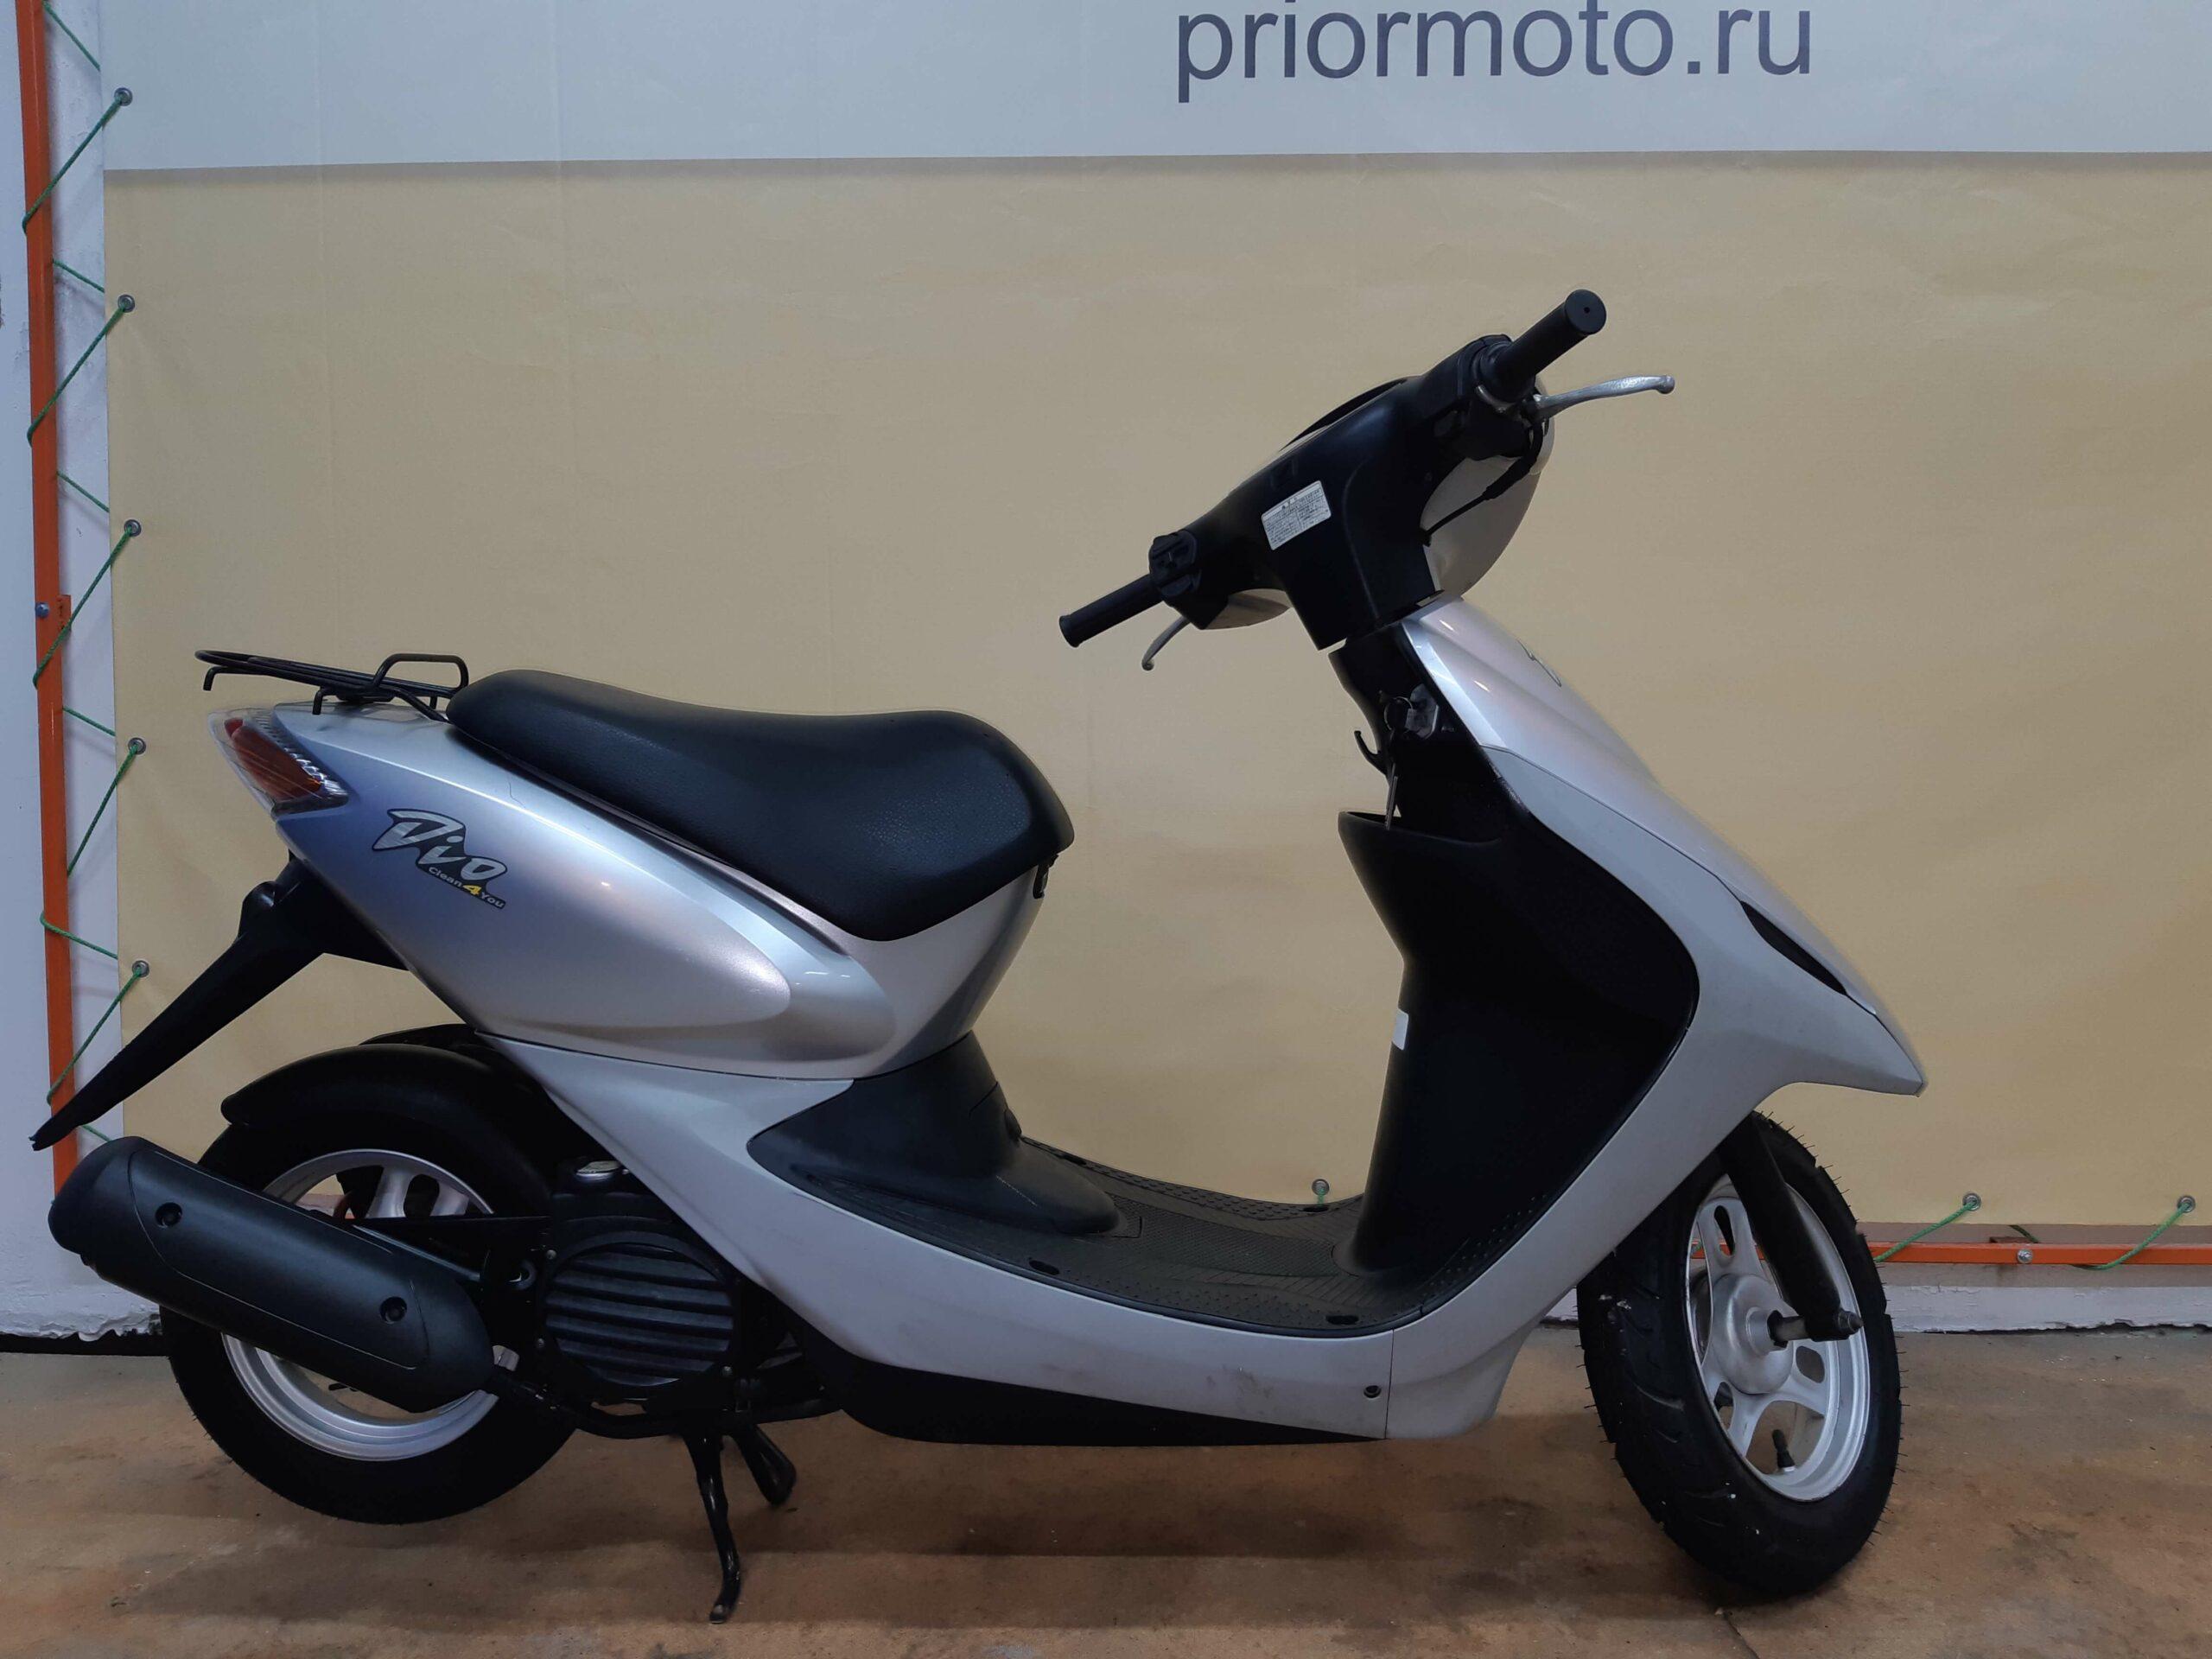 Где купить мопед, скутер в Красноярске